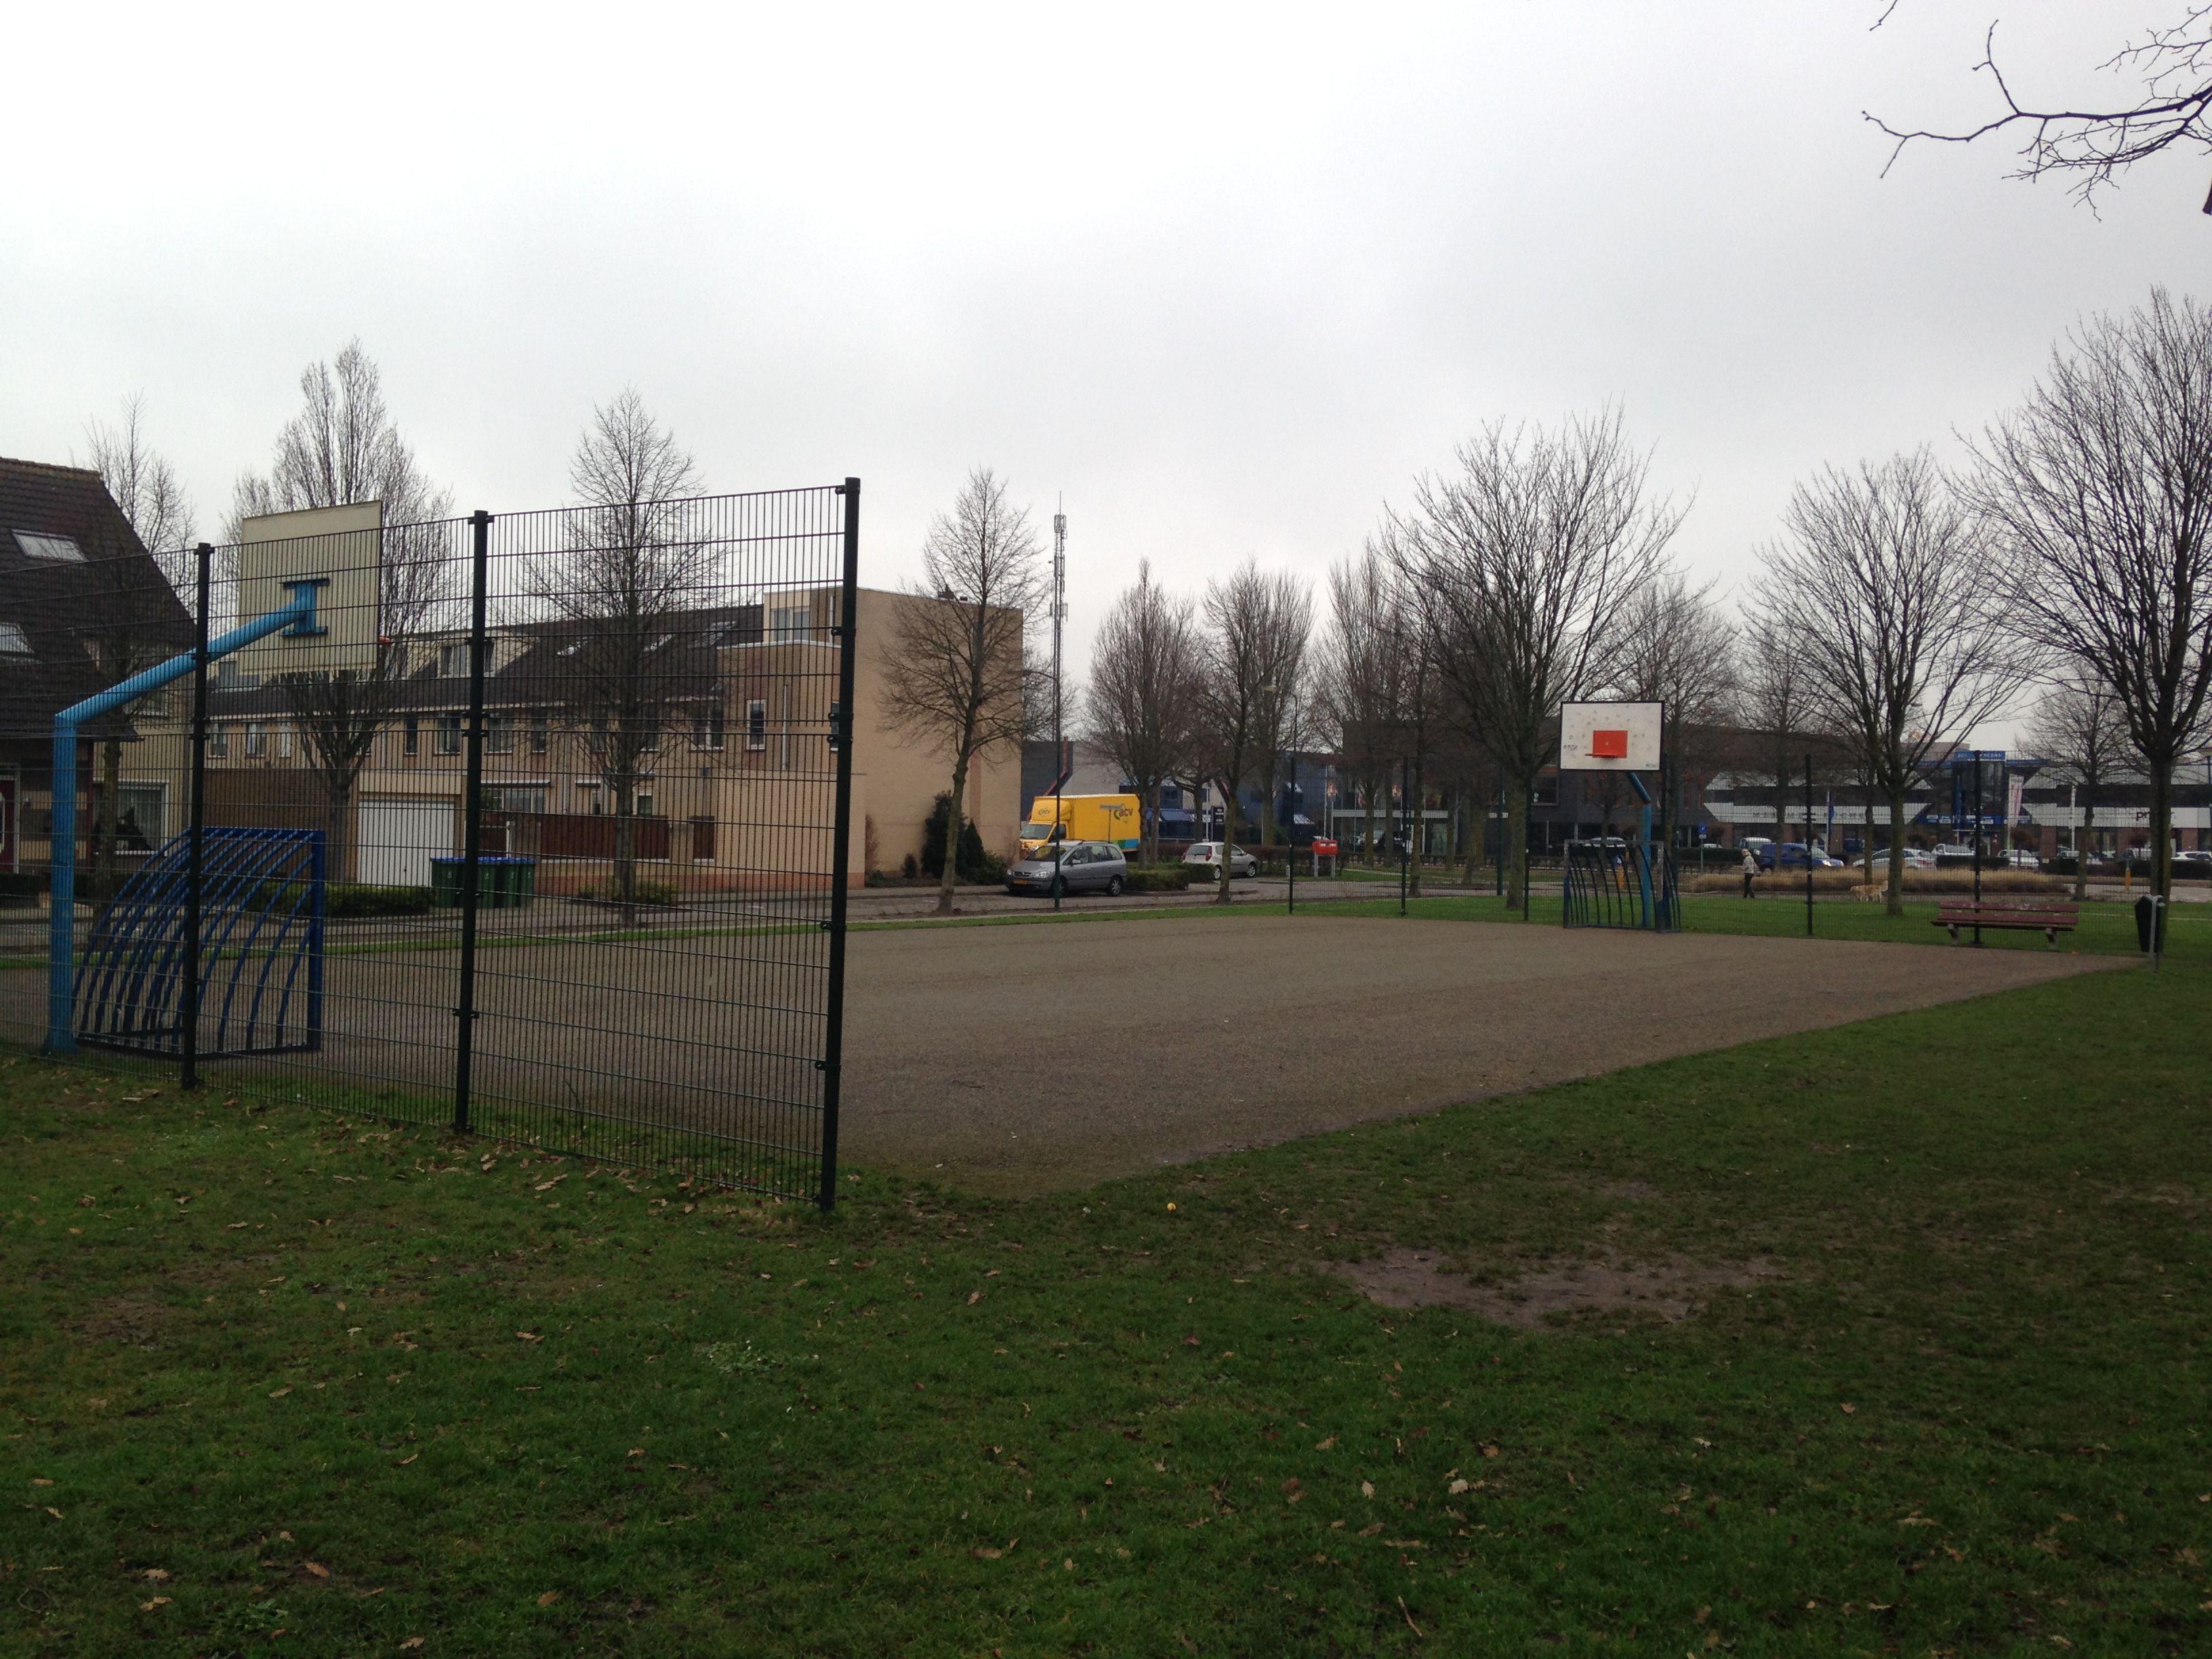 Het is belangrijk dat kinderen een speelveld hebben, waar ze kunnen voetballen, basketballen, skaten etc. (Jordi)